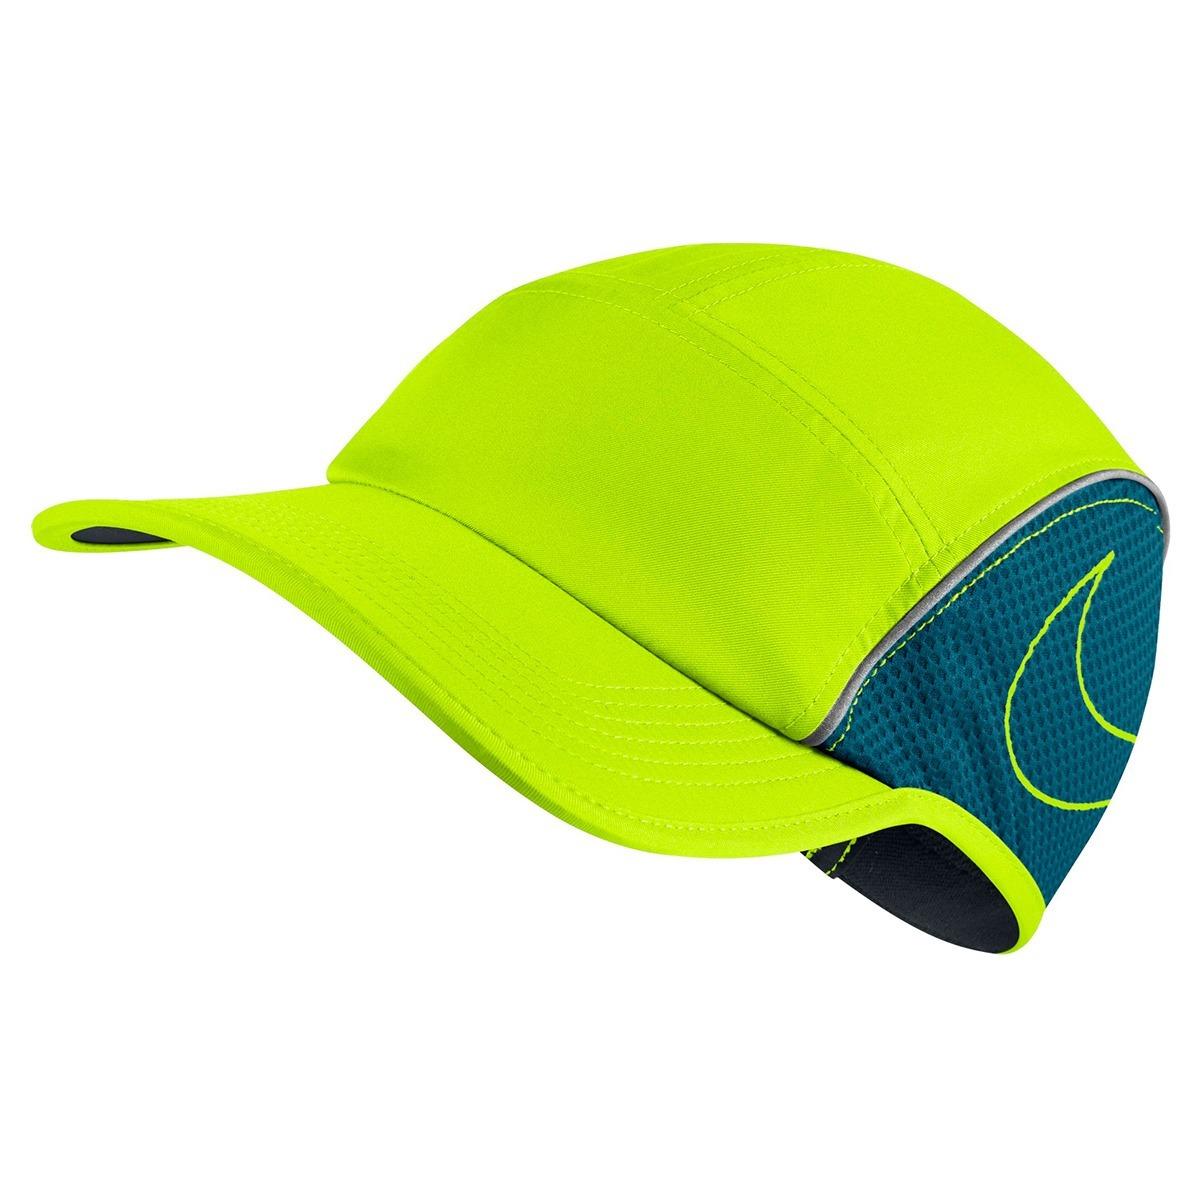 a62ac70bb7 Boné Nike Aerobill Aw84 (fluorescente)  running  triathlon - R  159 ...